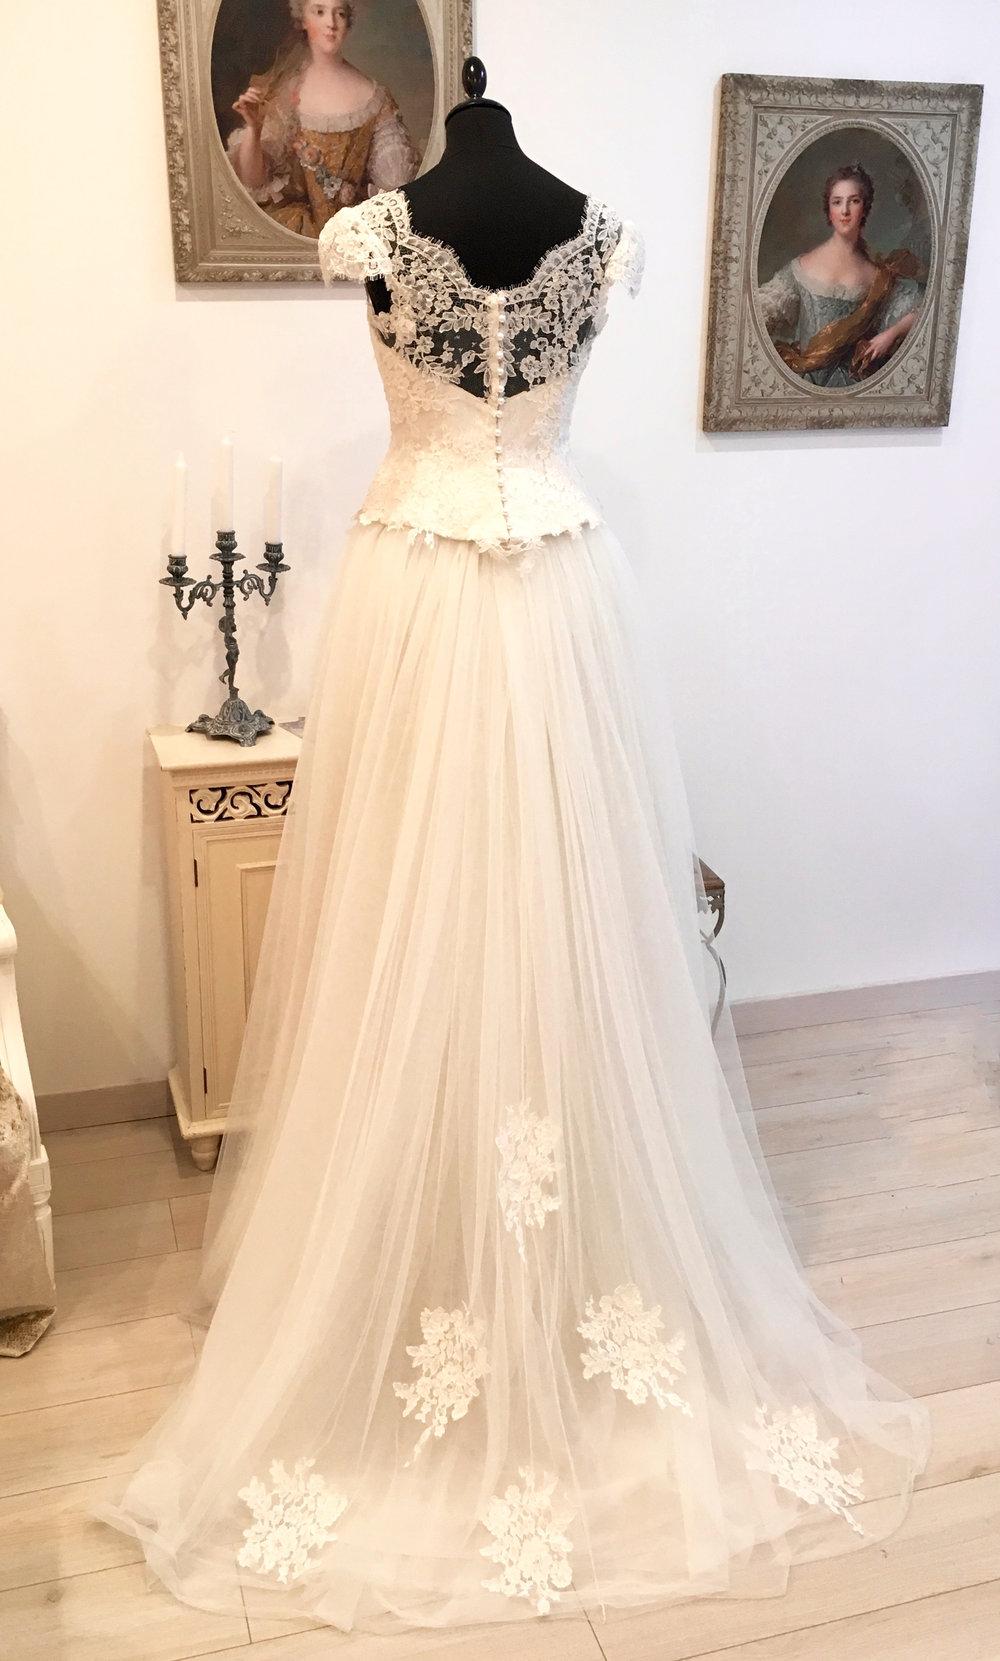 Robe de mariée Sofia corset couvert de dentelle de Calais Agnès Szabelewski.jpg